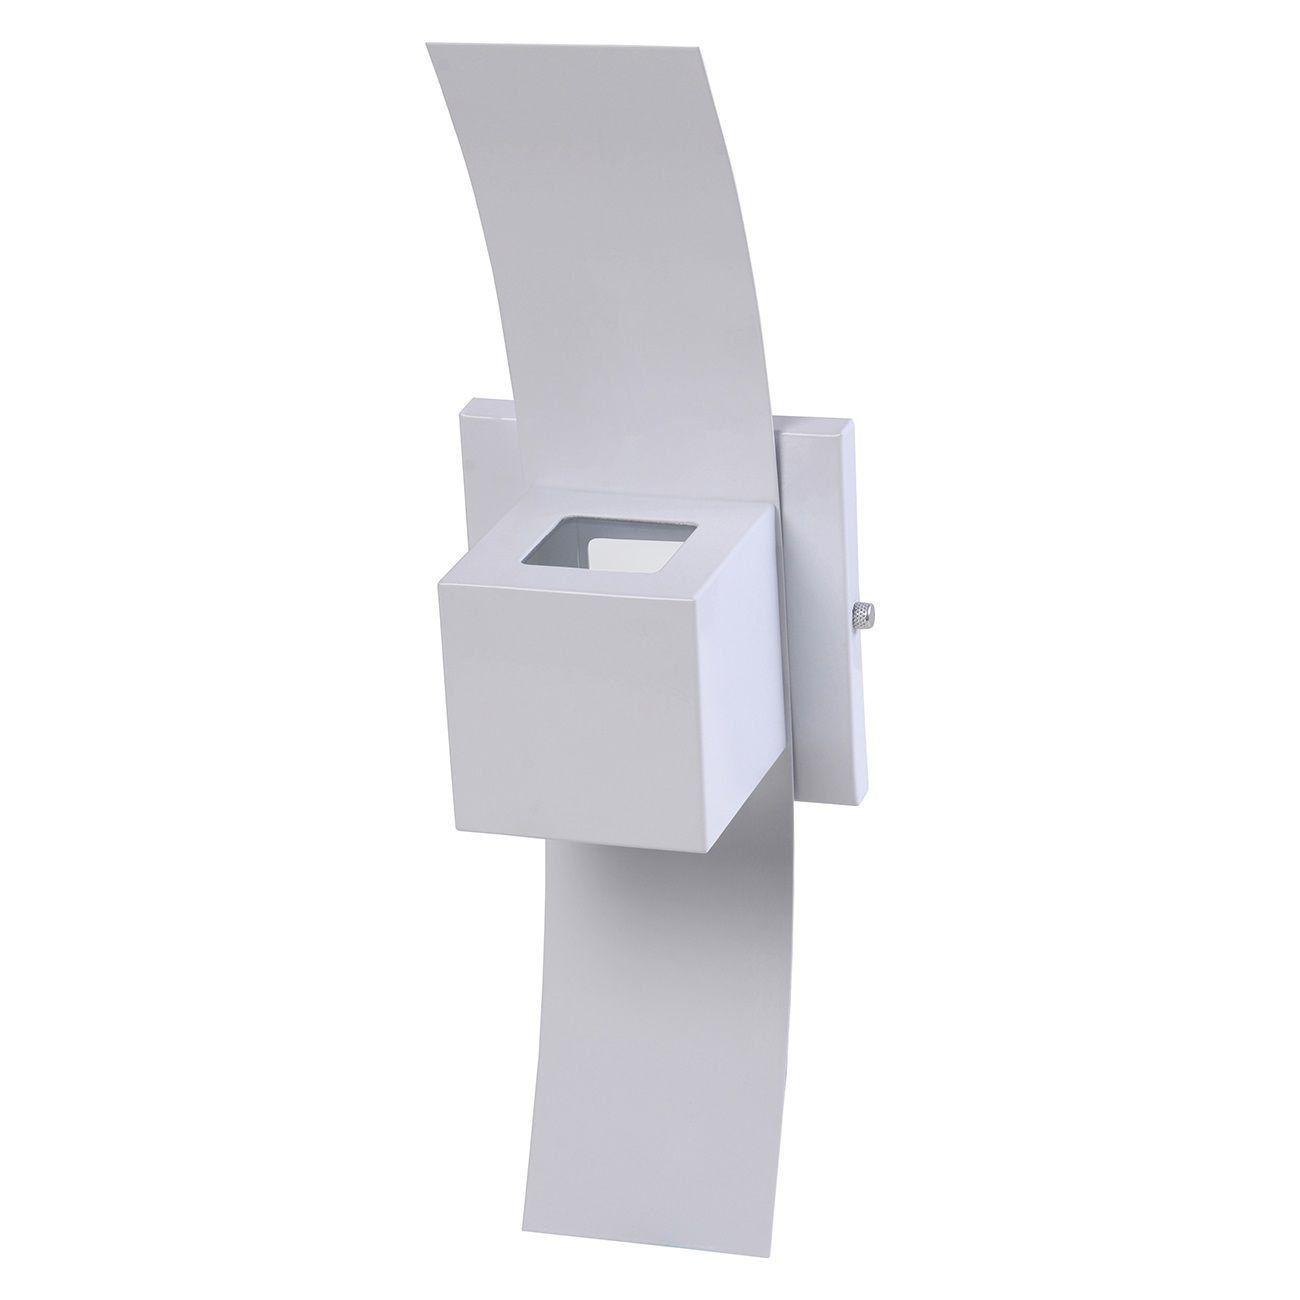 Arandela Box com Aba 2 Focos Luminária Externa Interna Muro Parede Alumínio Branco - Rei da Iluminação